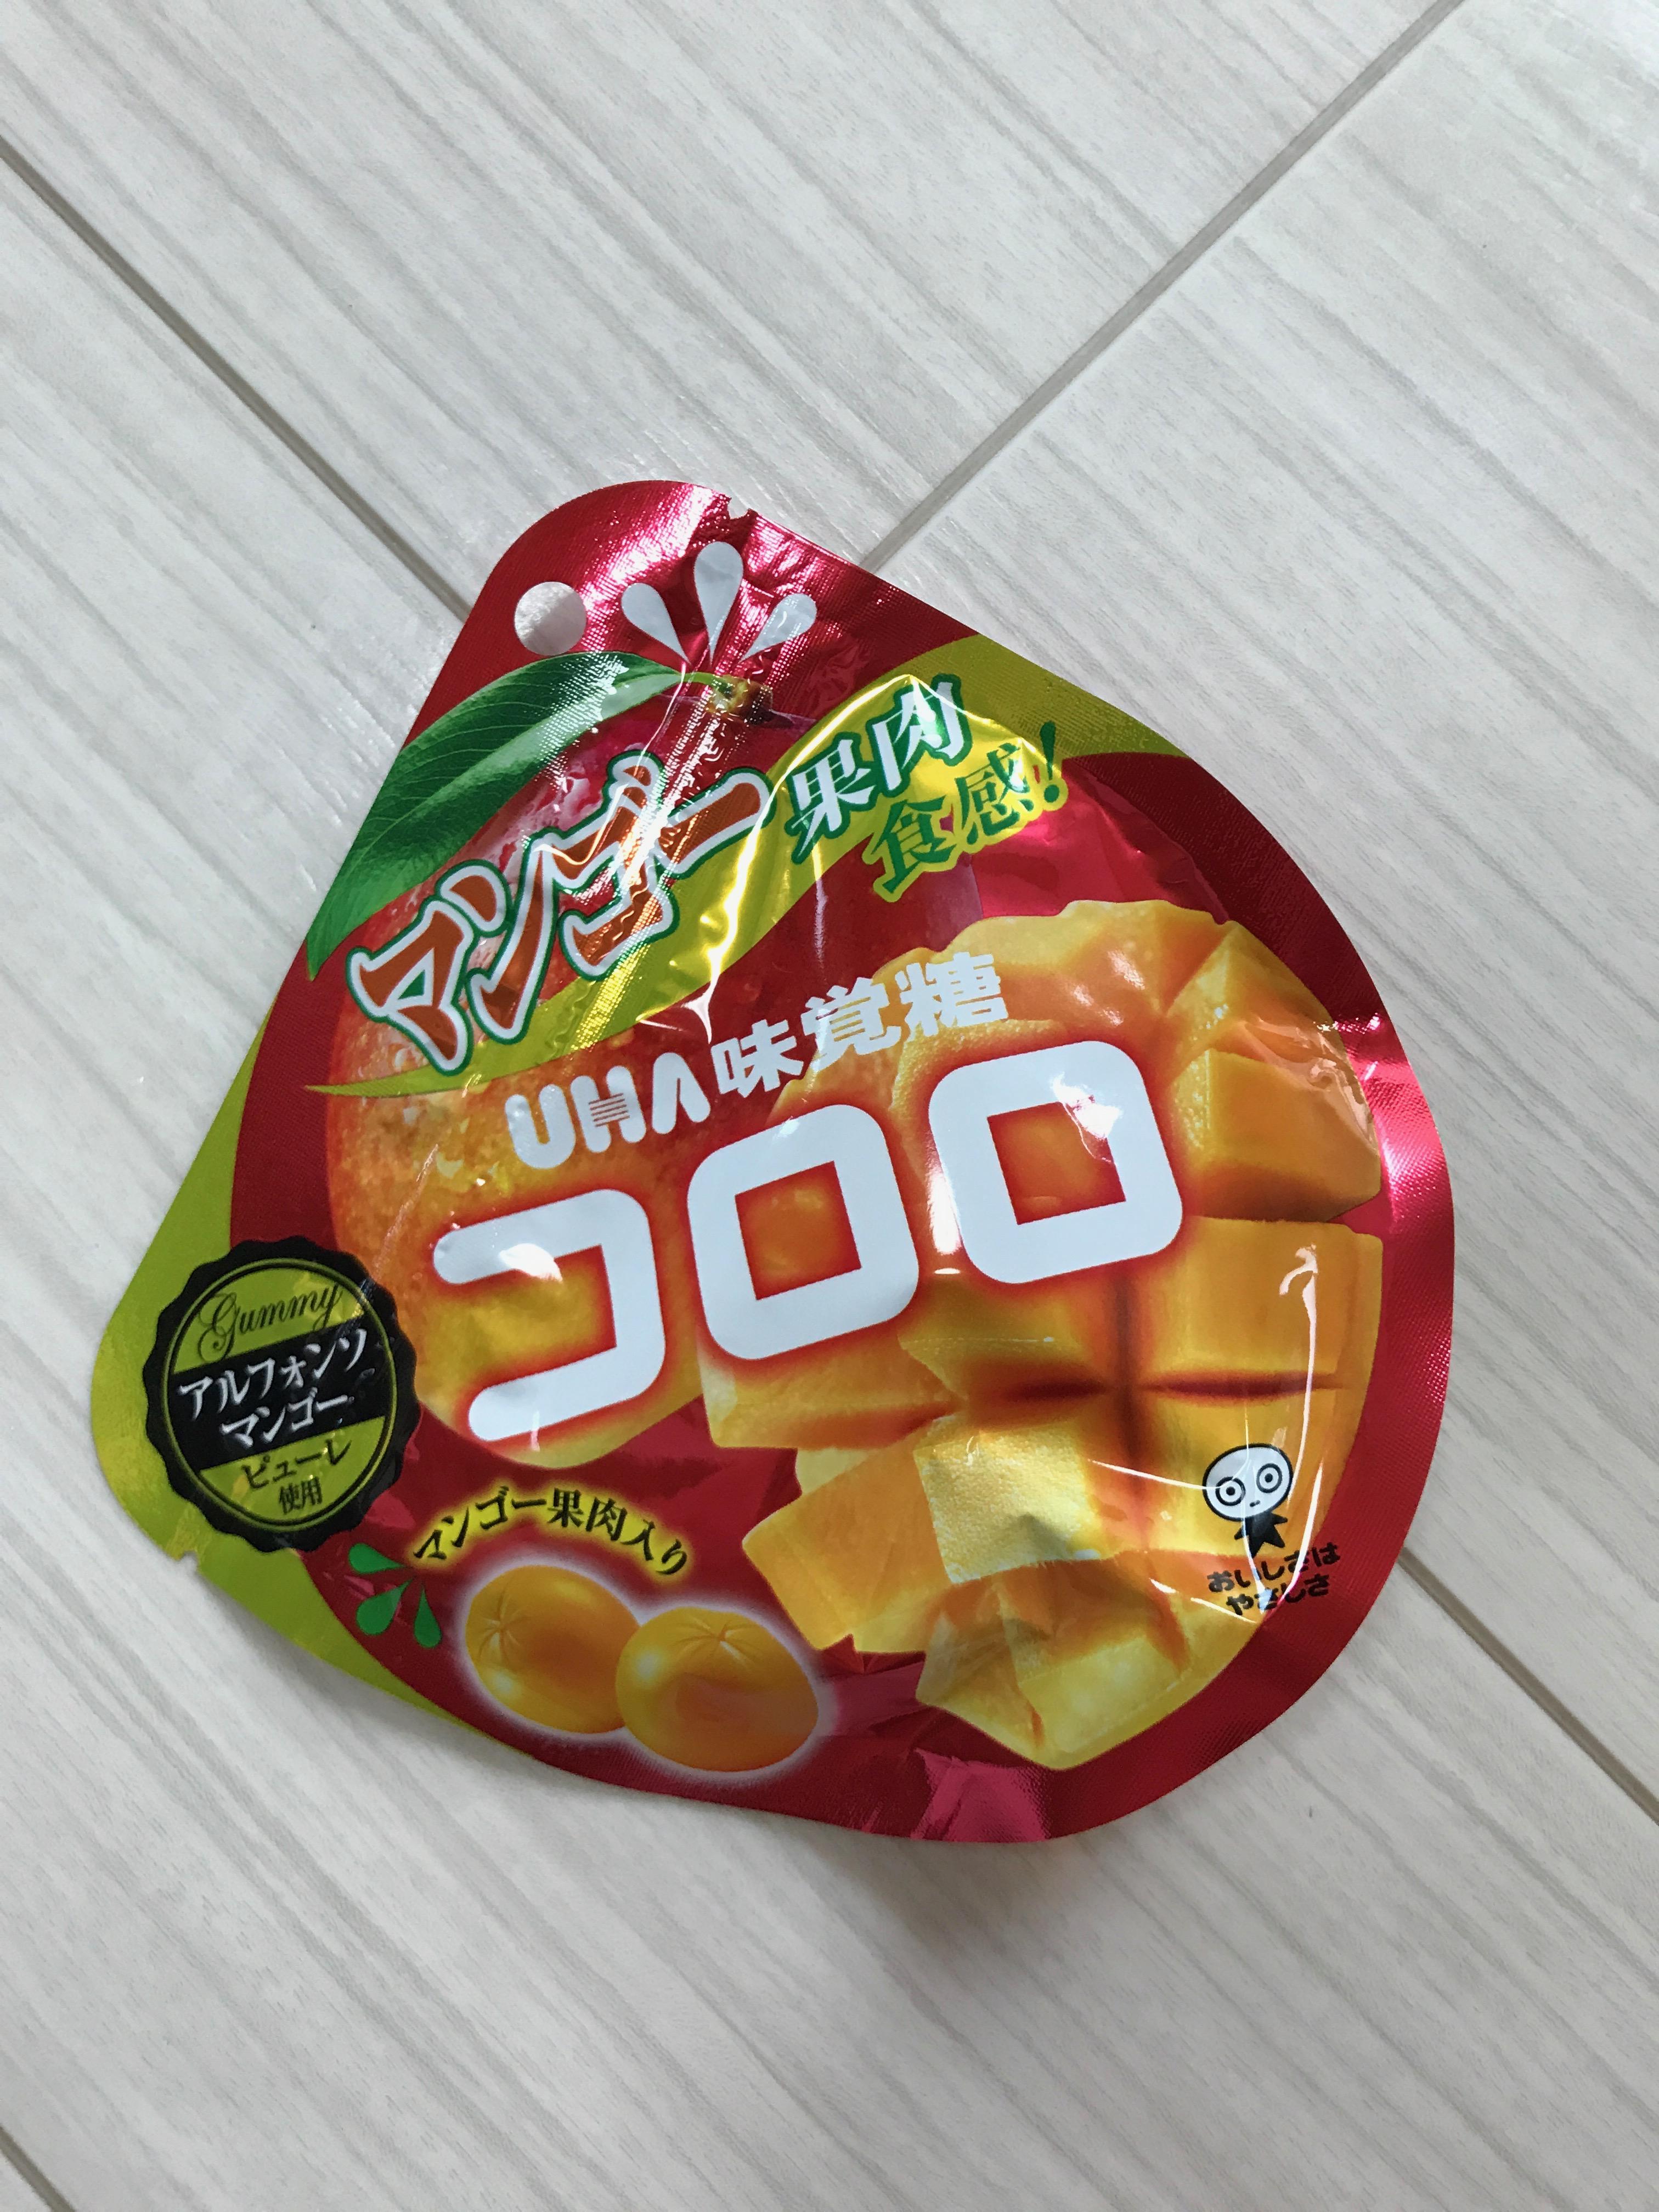 UHA味覚糖グミ「コロロ」の季節限定マンゴー味の感想レビュー